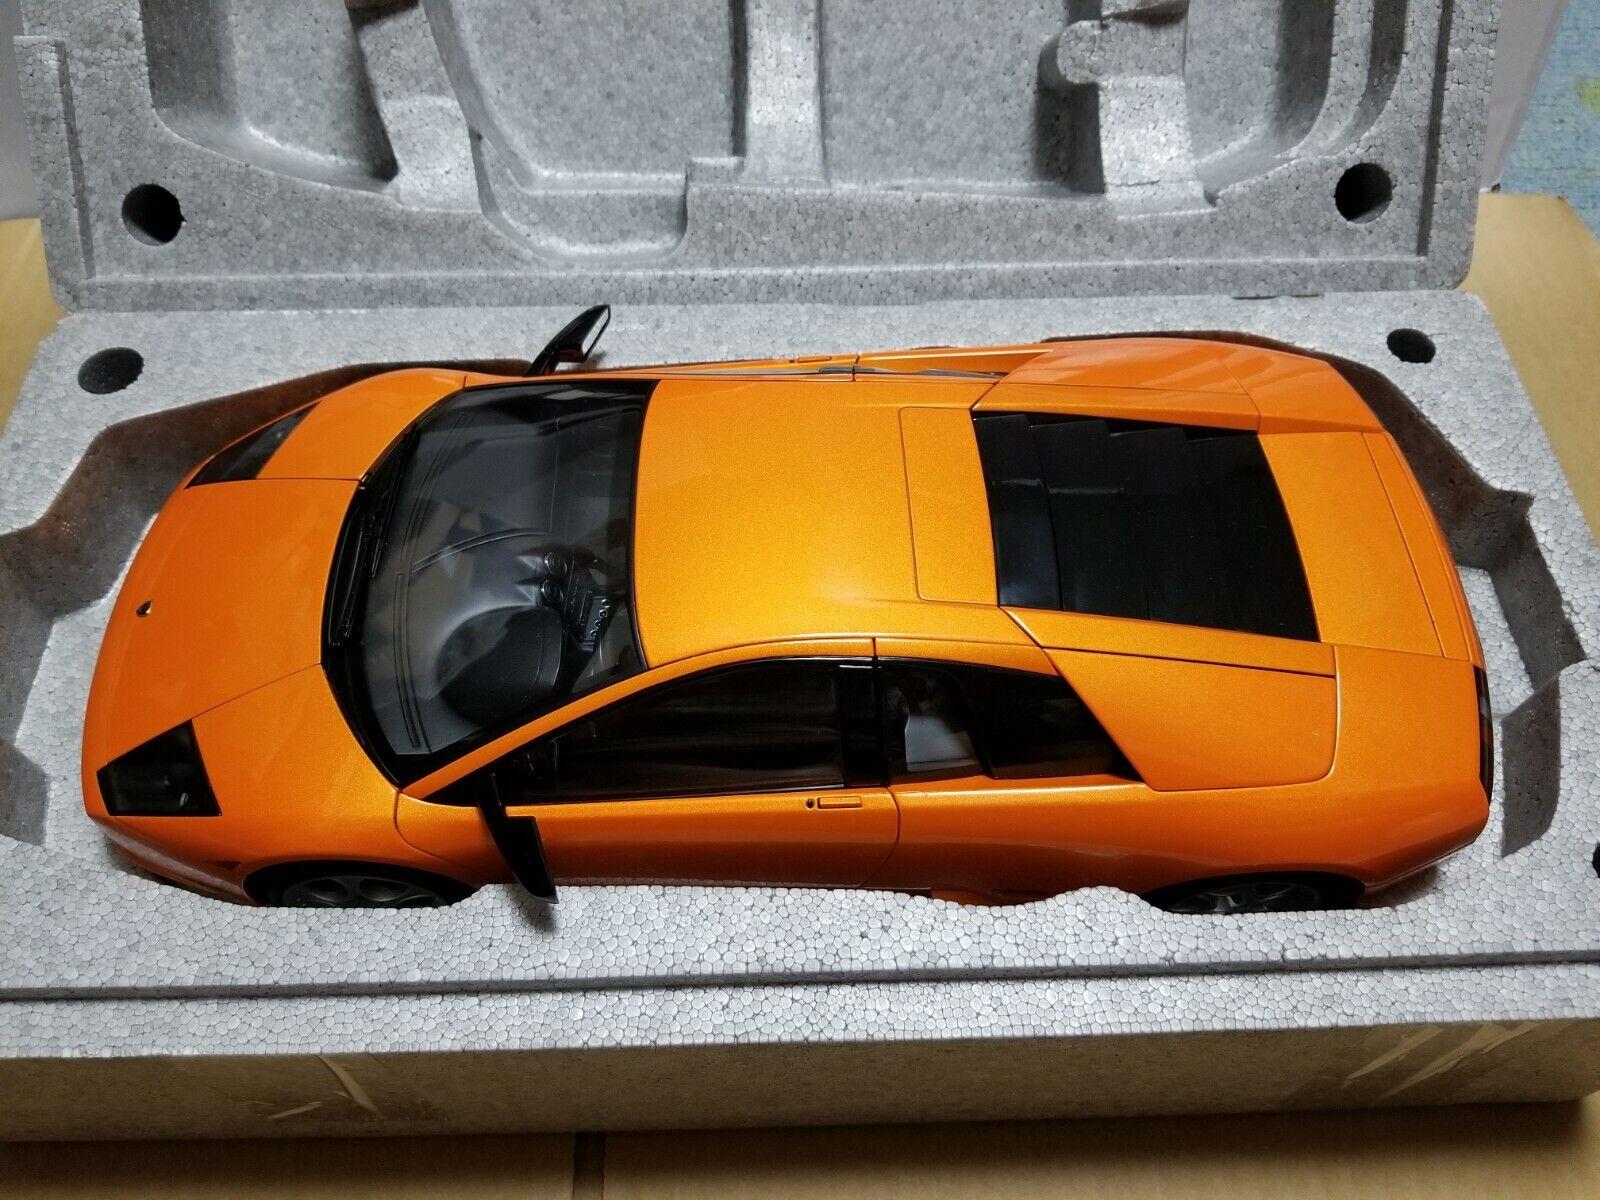 risparmia il 35% - 70% di sconto Autoart   1 12     12072 Lamborghini Murcielago  arancia  migliore vendita